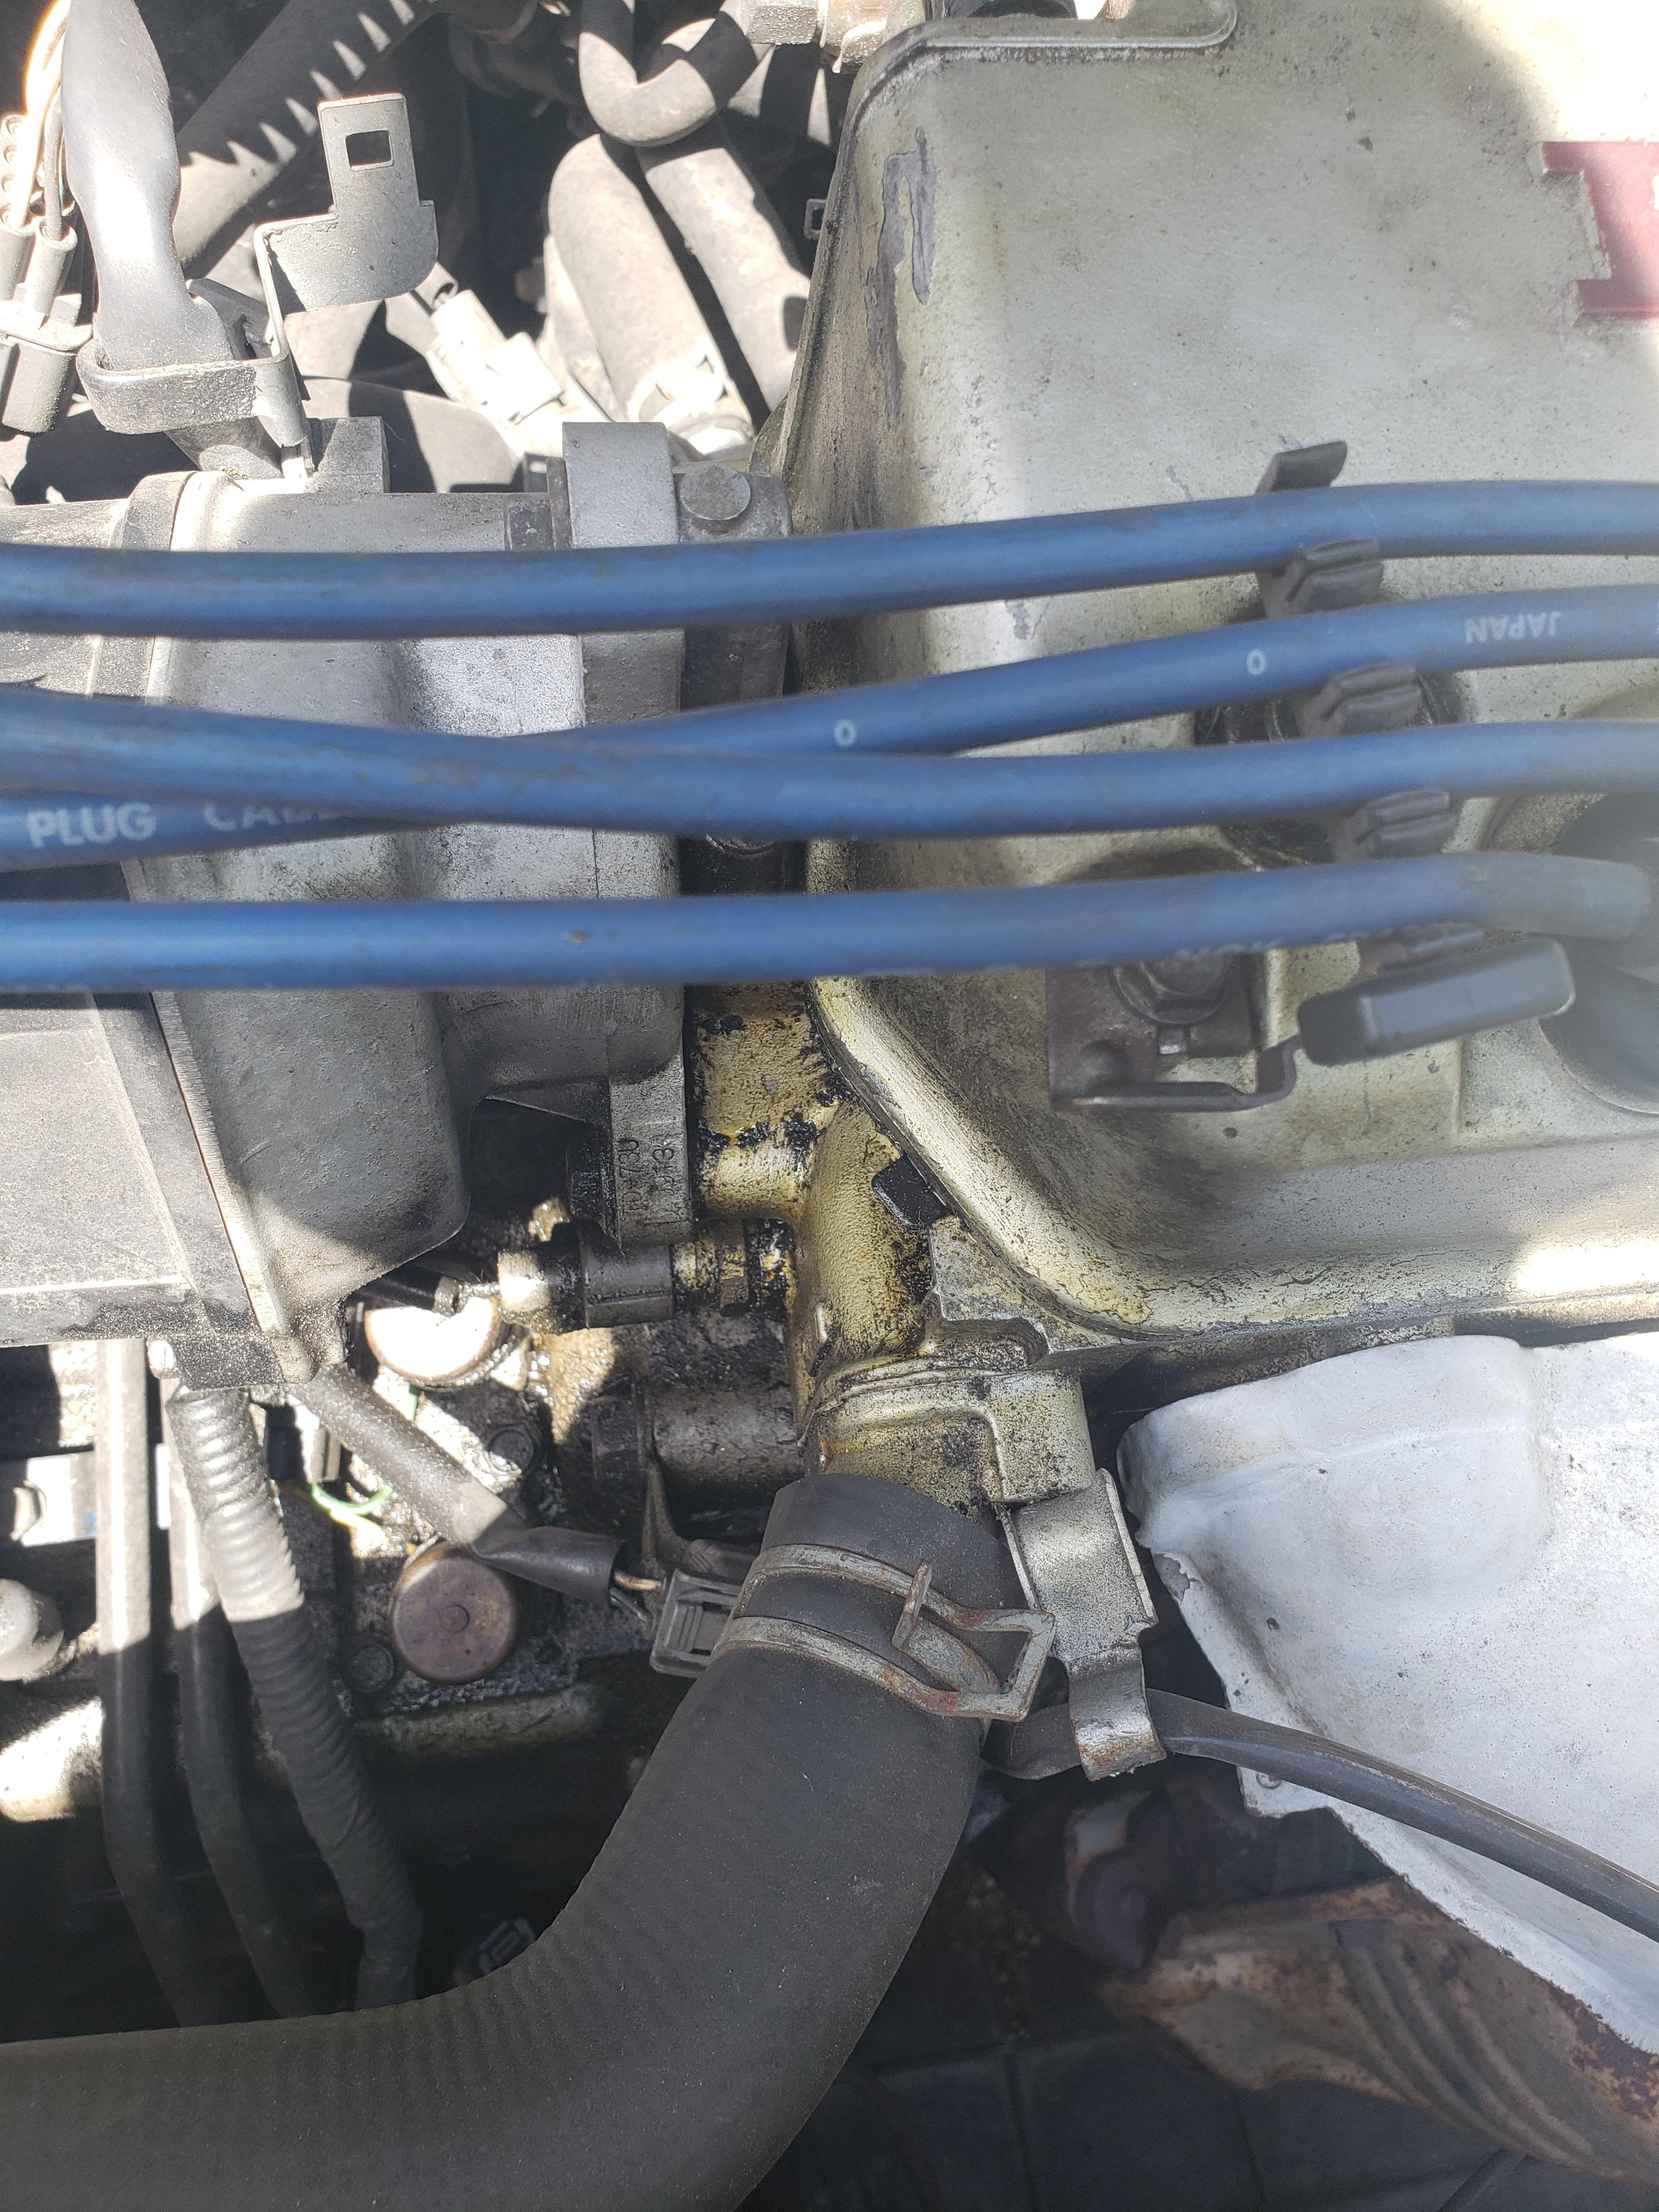 valve cover gasket installed